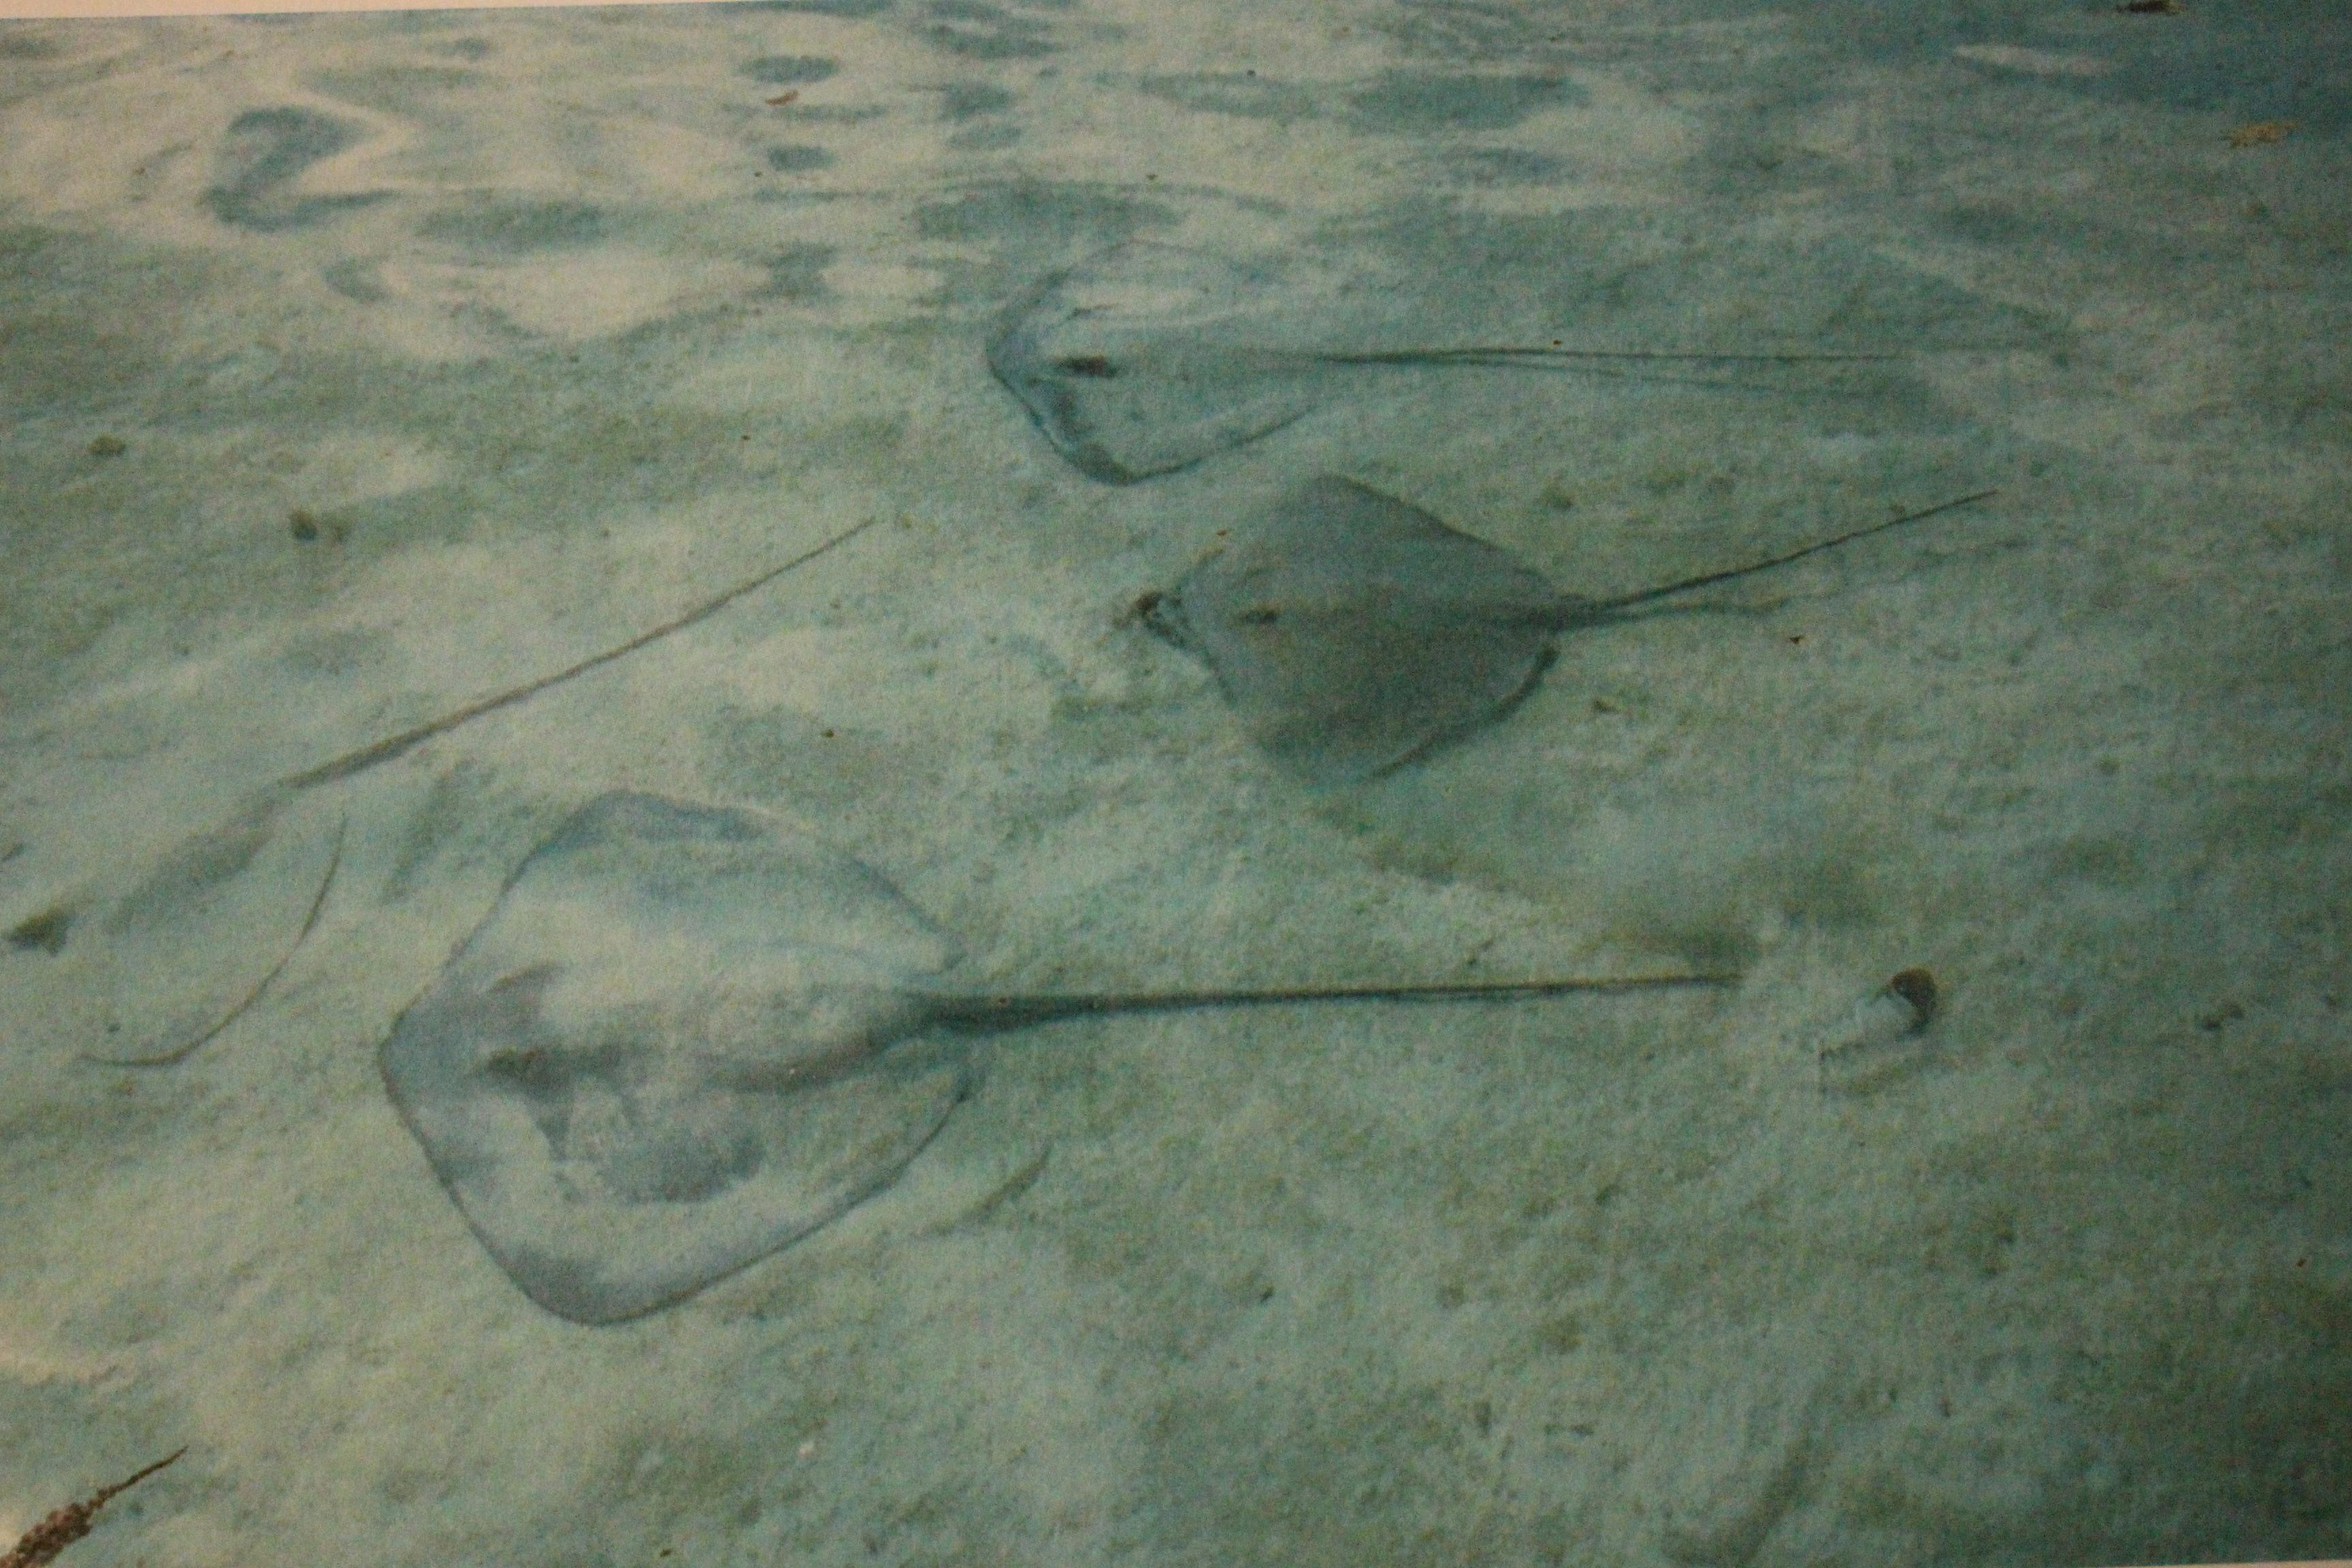 L'impact du ray feeding sur le comportement des pointes noires mis au jour